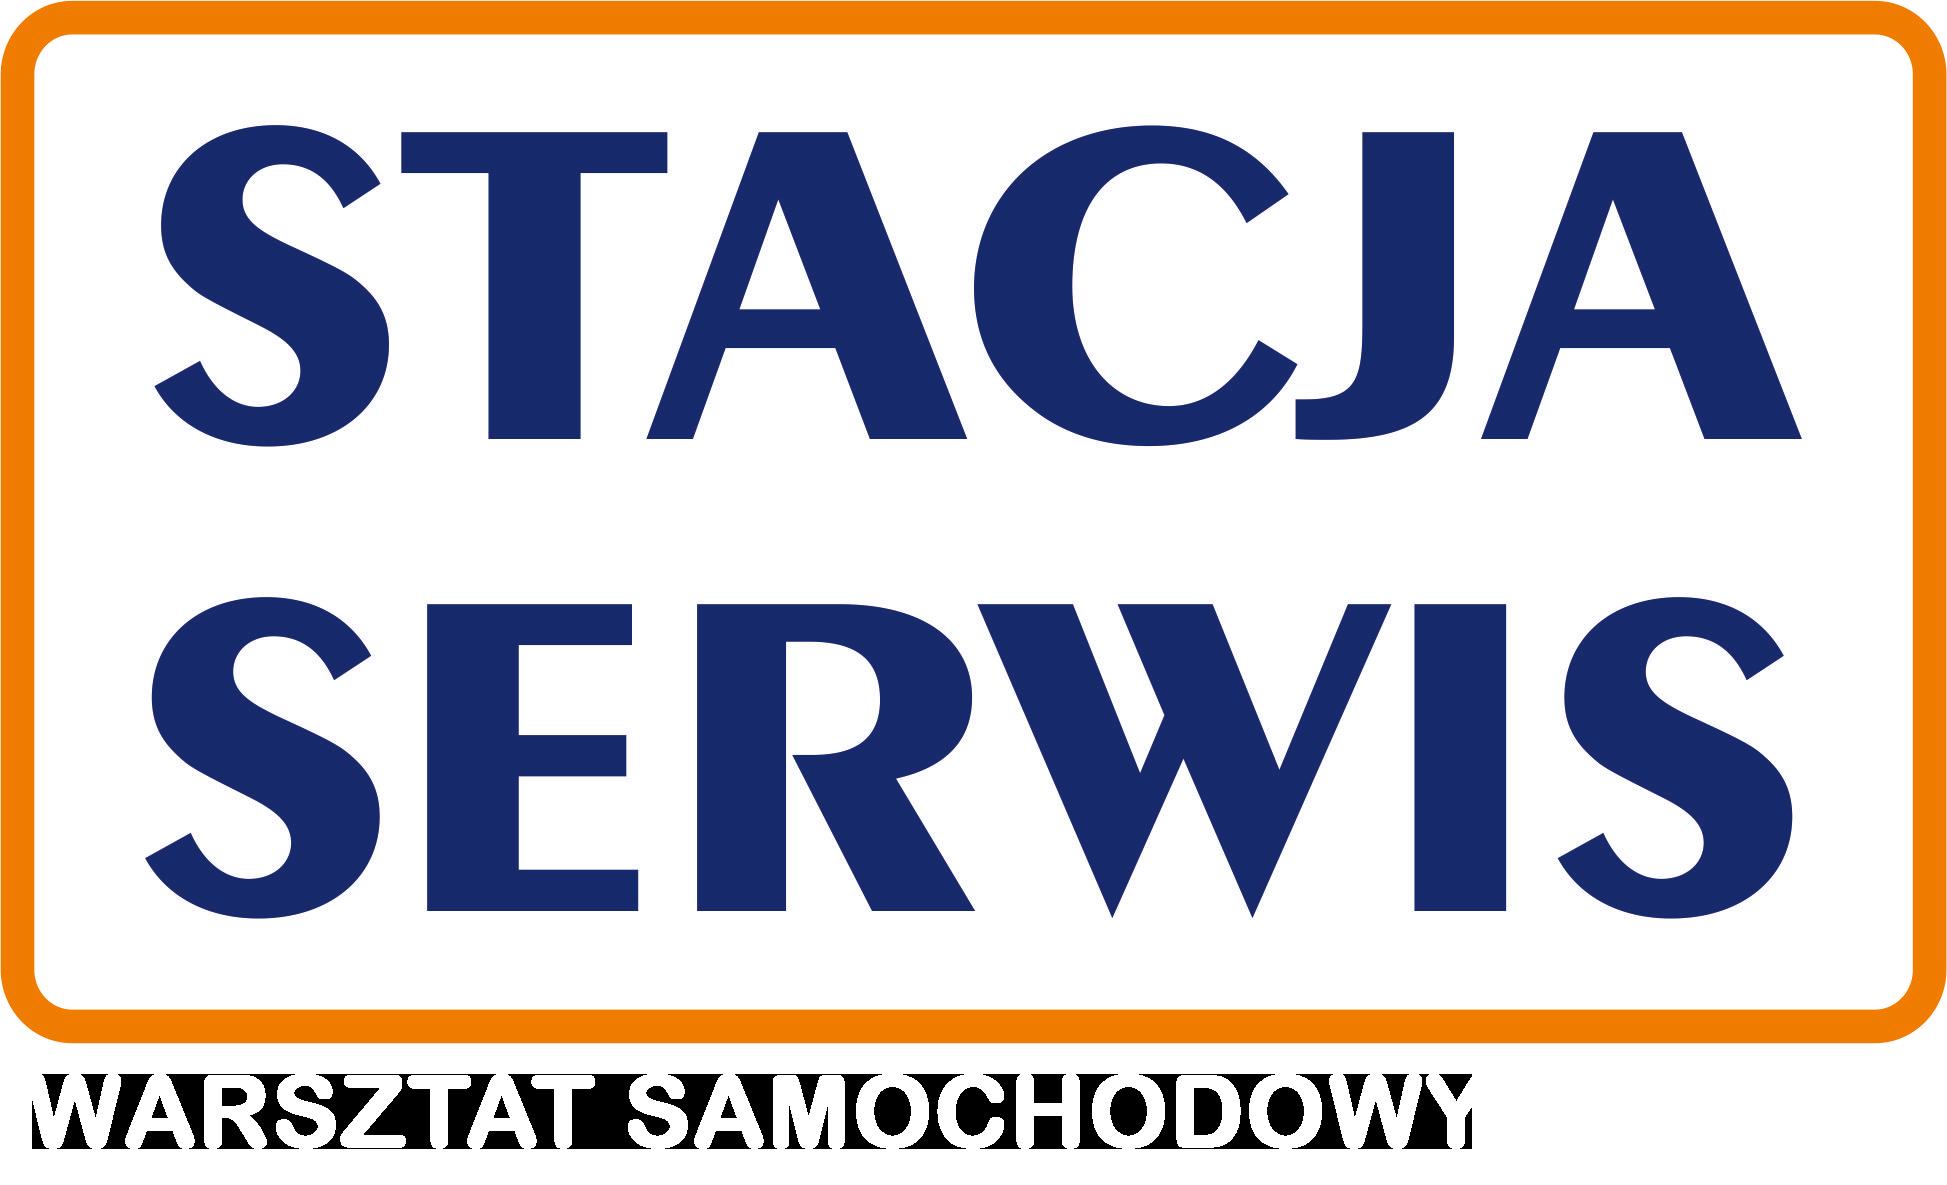 Stacja Serwis Stargard